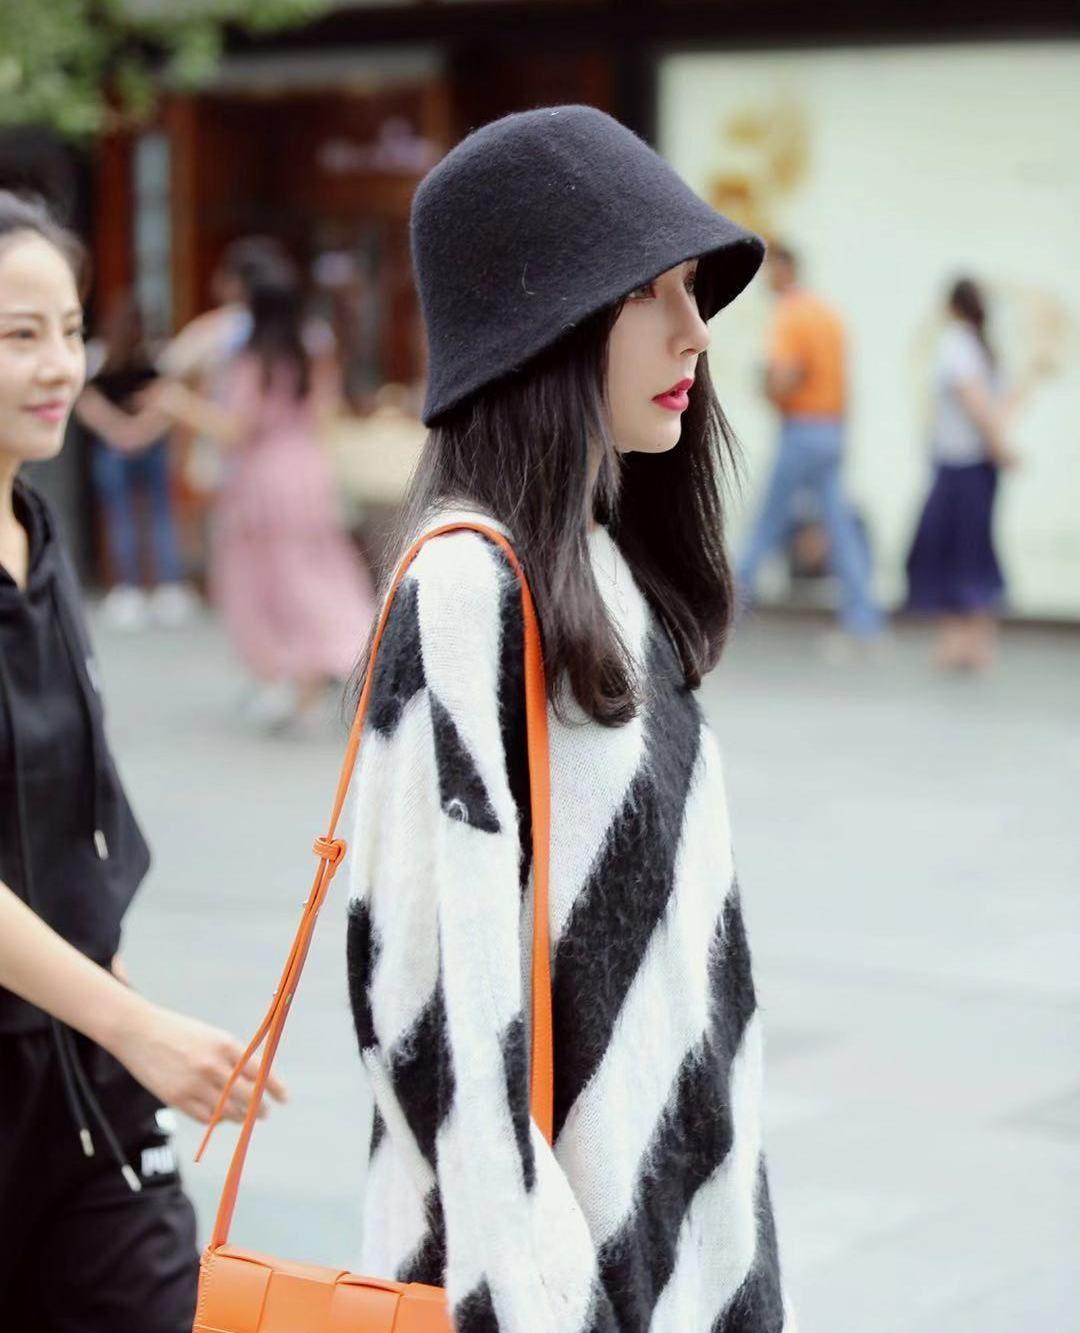 街拍,小姐姐黑白条纹针织衫搭配黑色渔夫帽,长发披肩时尚优雅